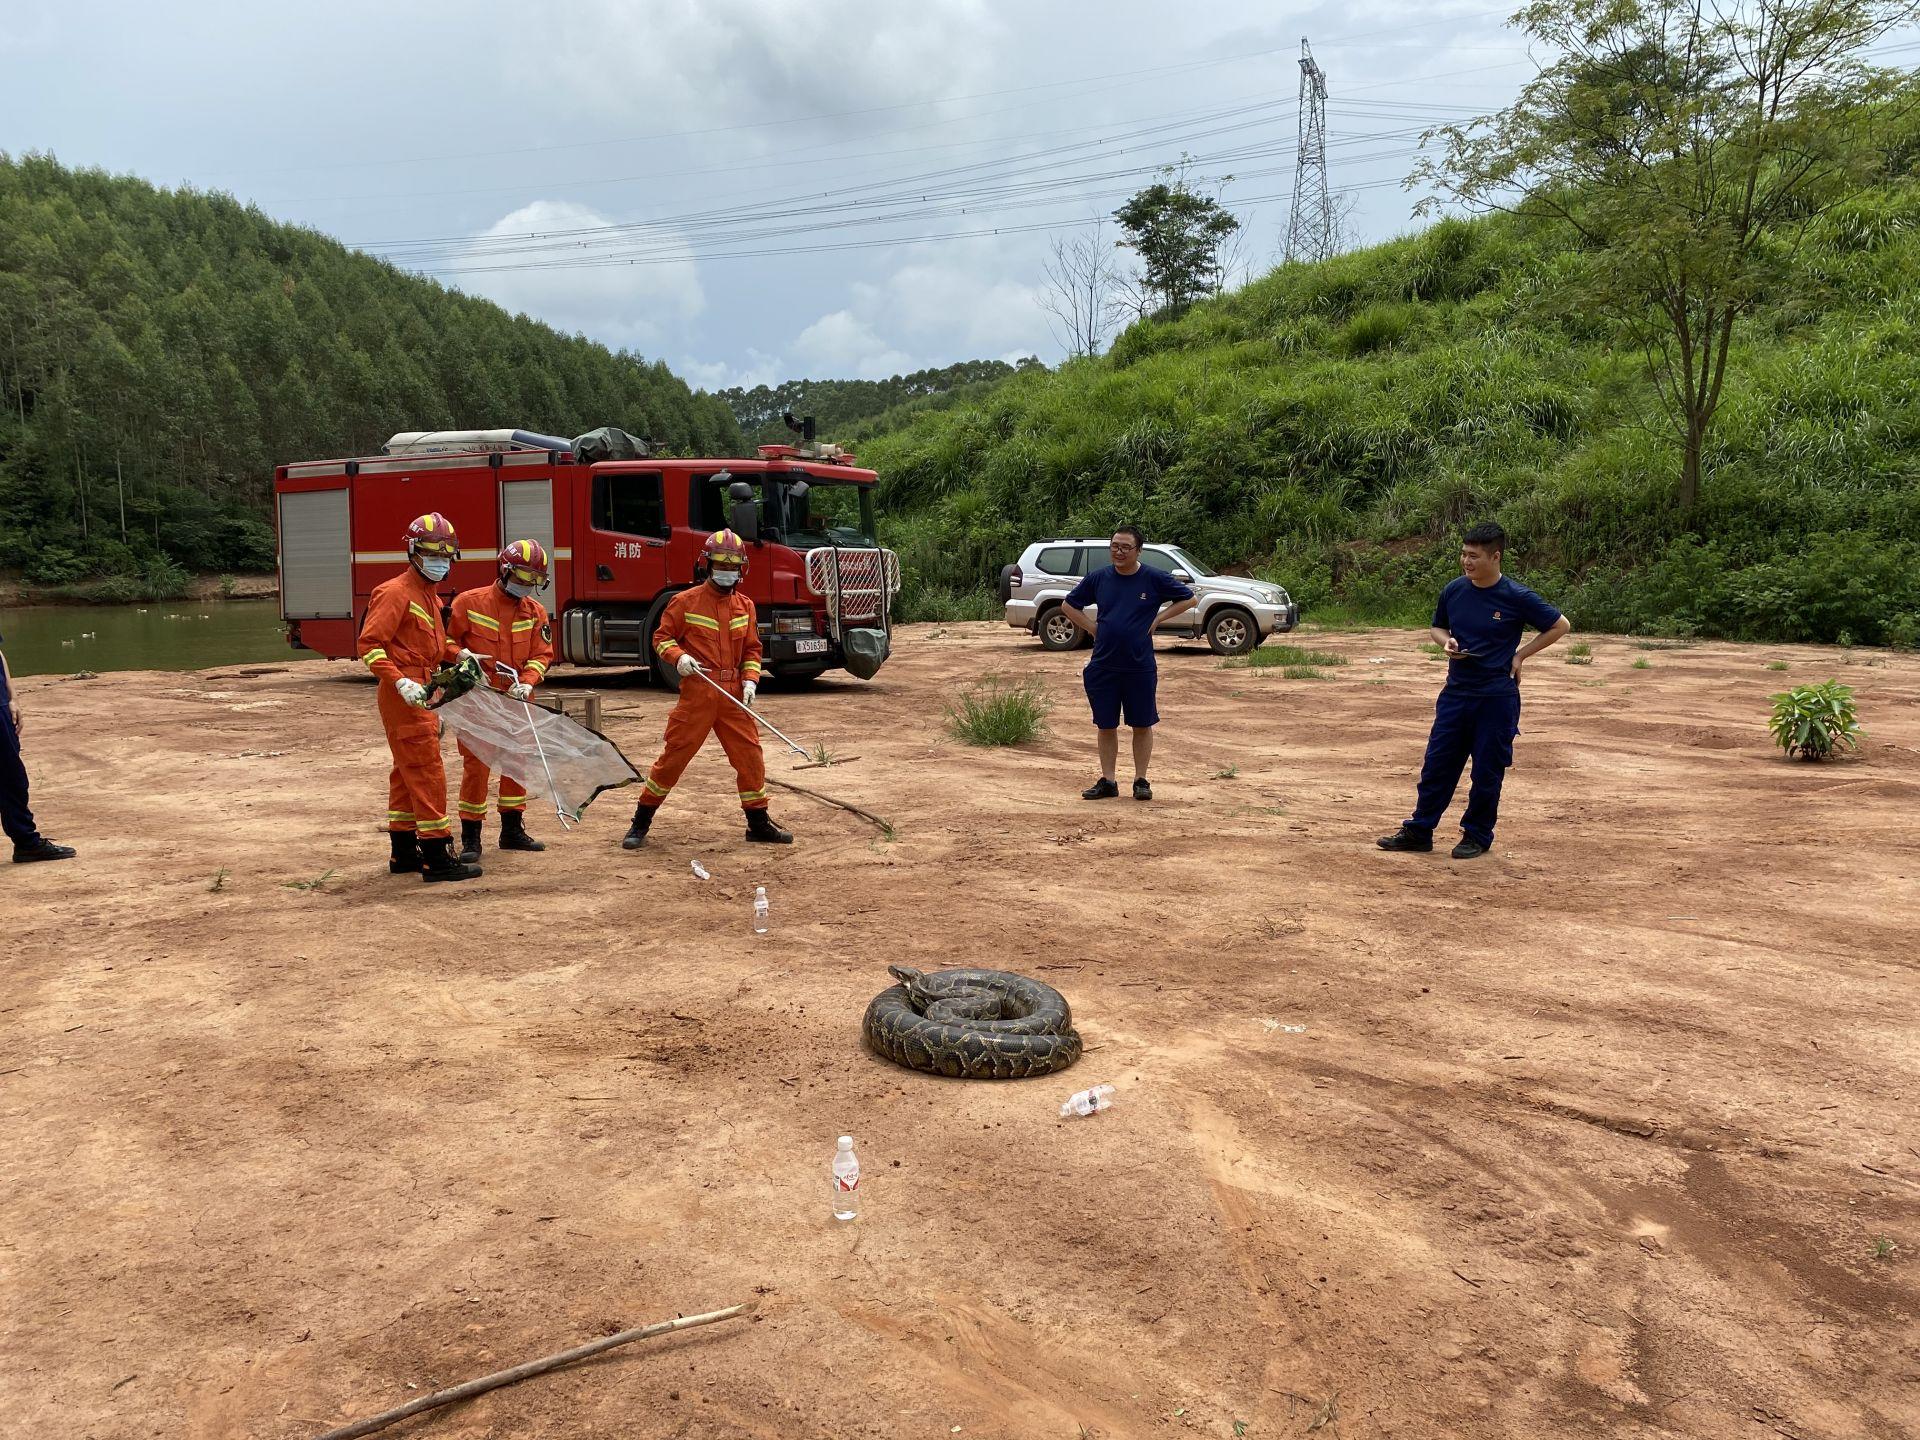 南宁一养殖场惊现90斤大蟒蛇 消防员化身捕蛇达人